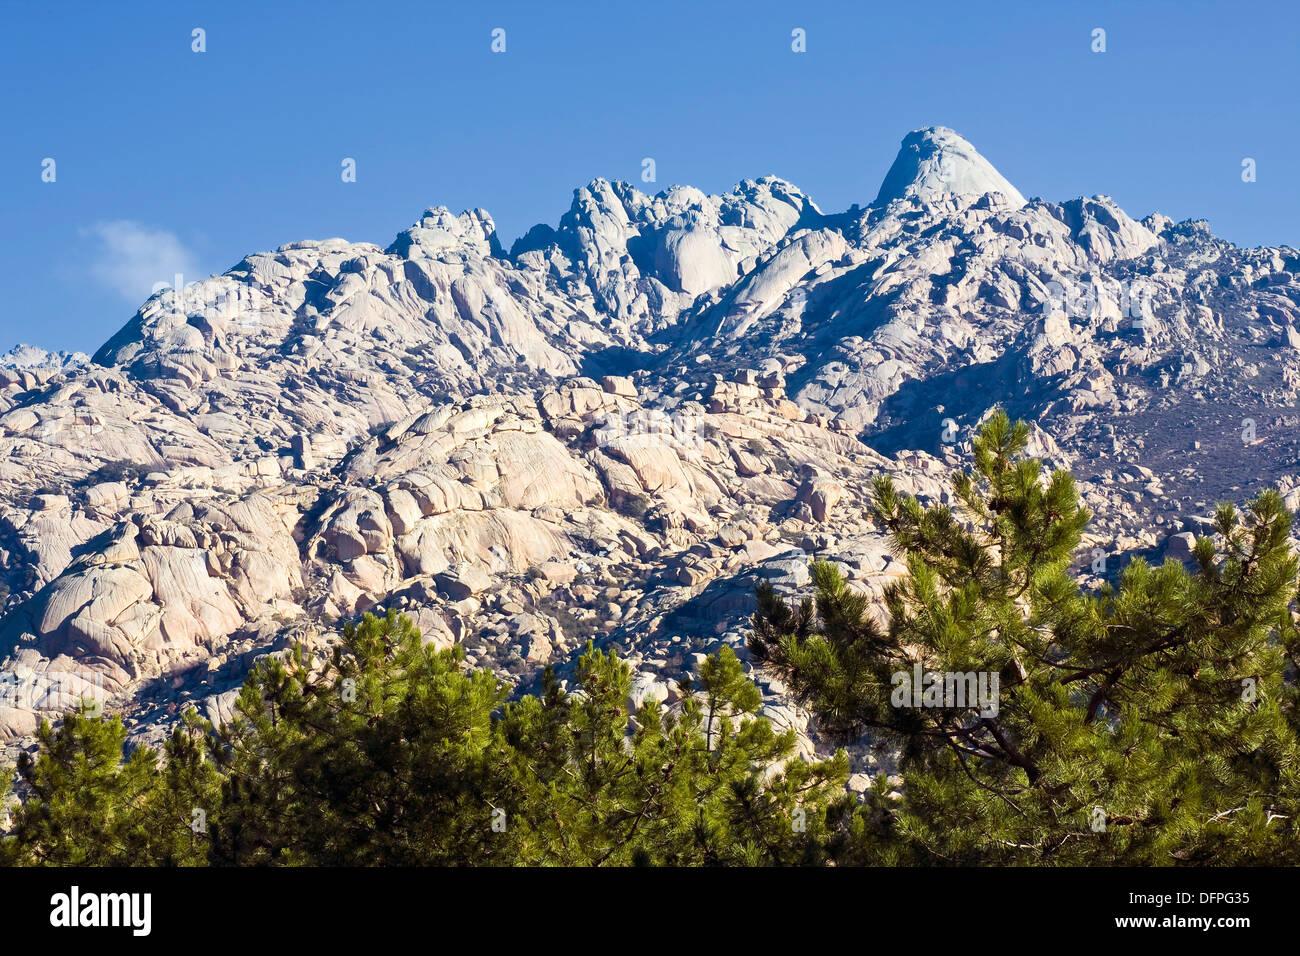 La Pedriza Anterior  Parque Regional de la Cuenca Alta del Manzanares  Comunidad de Madrid  España - Stock Image